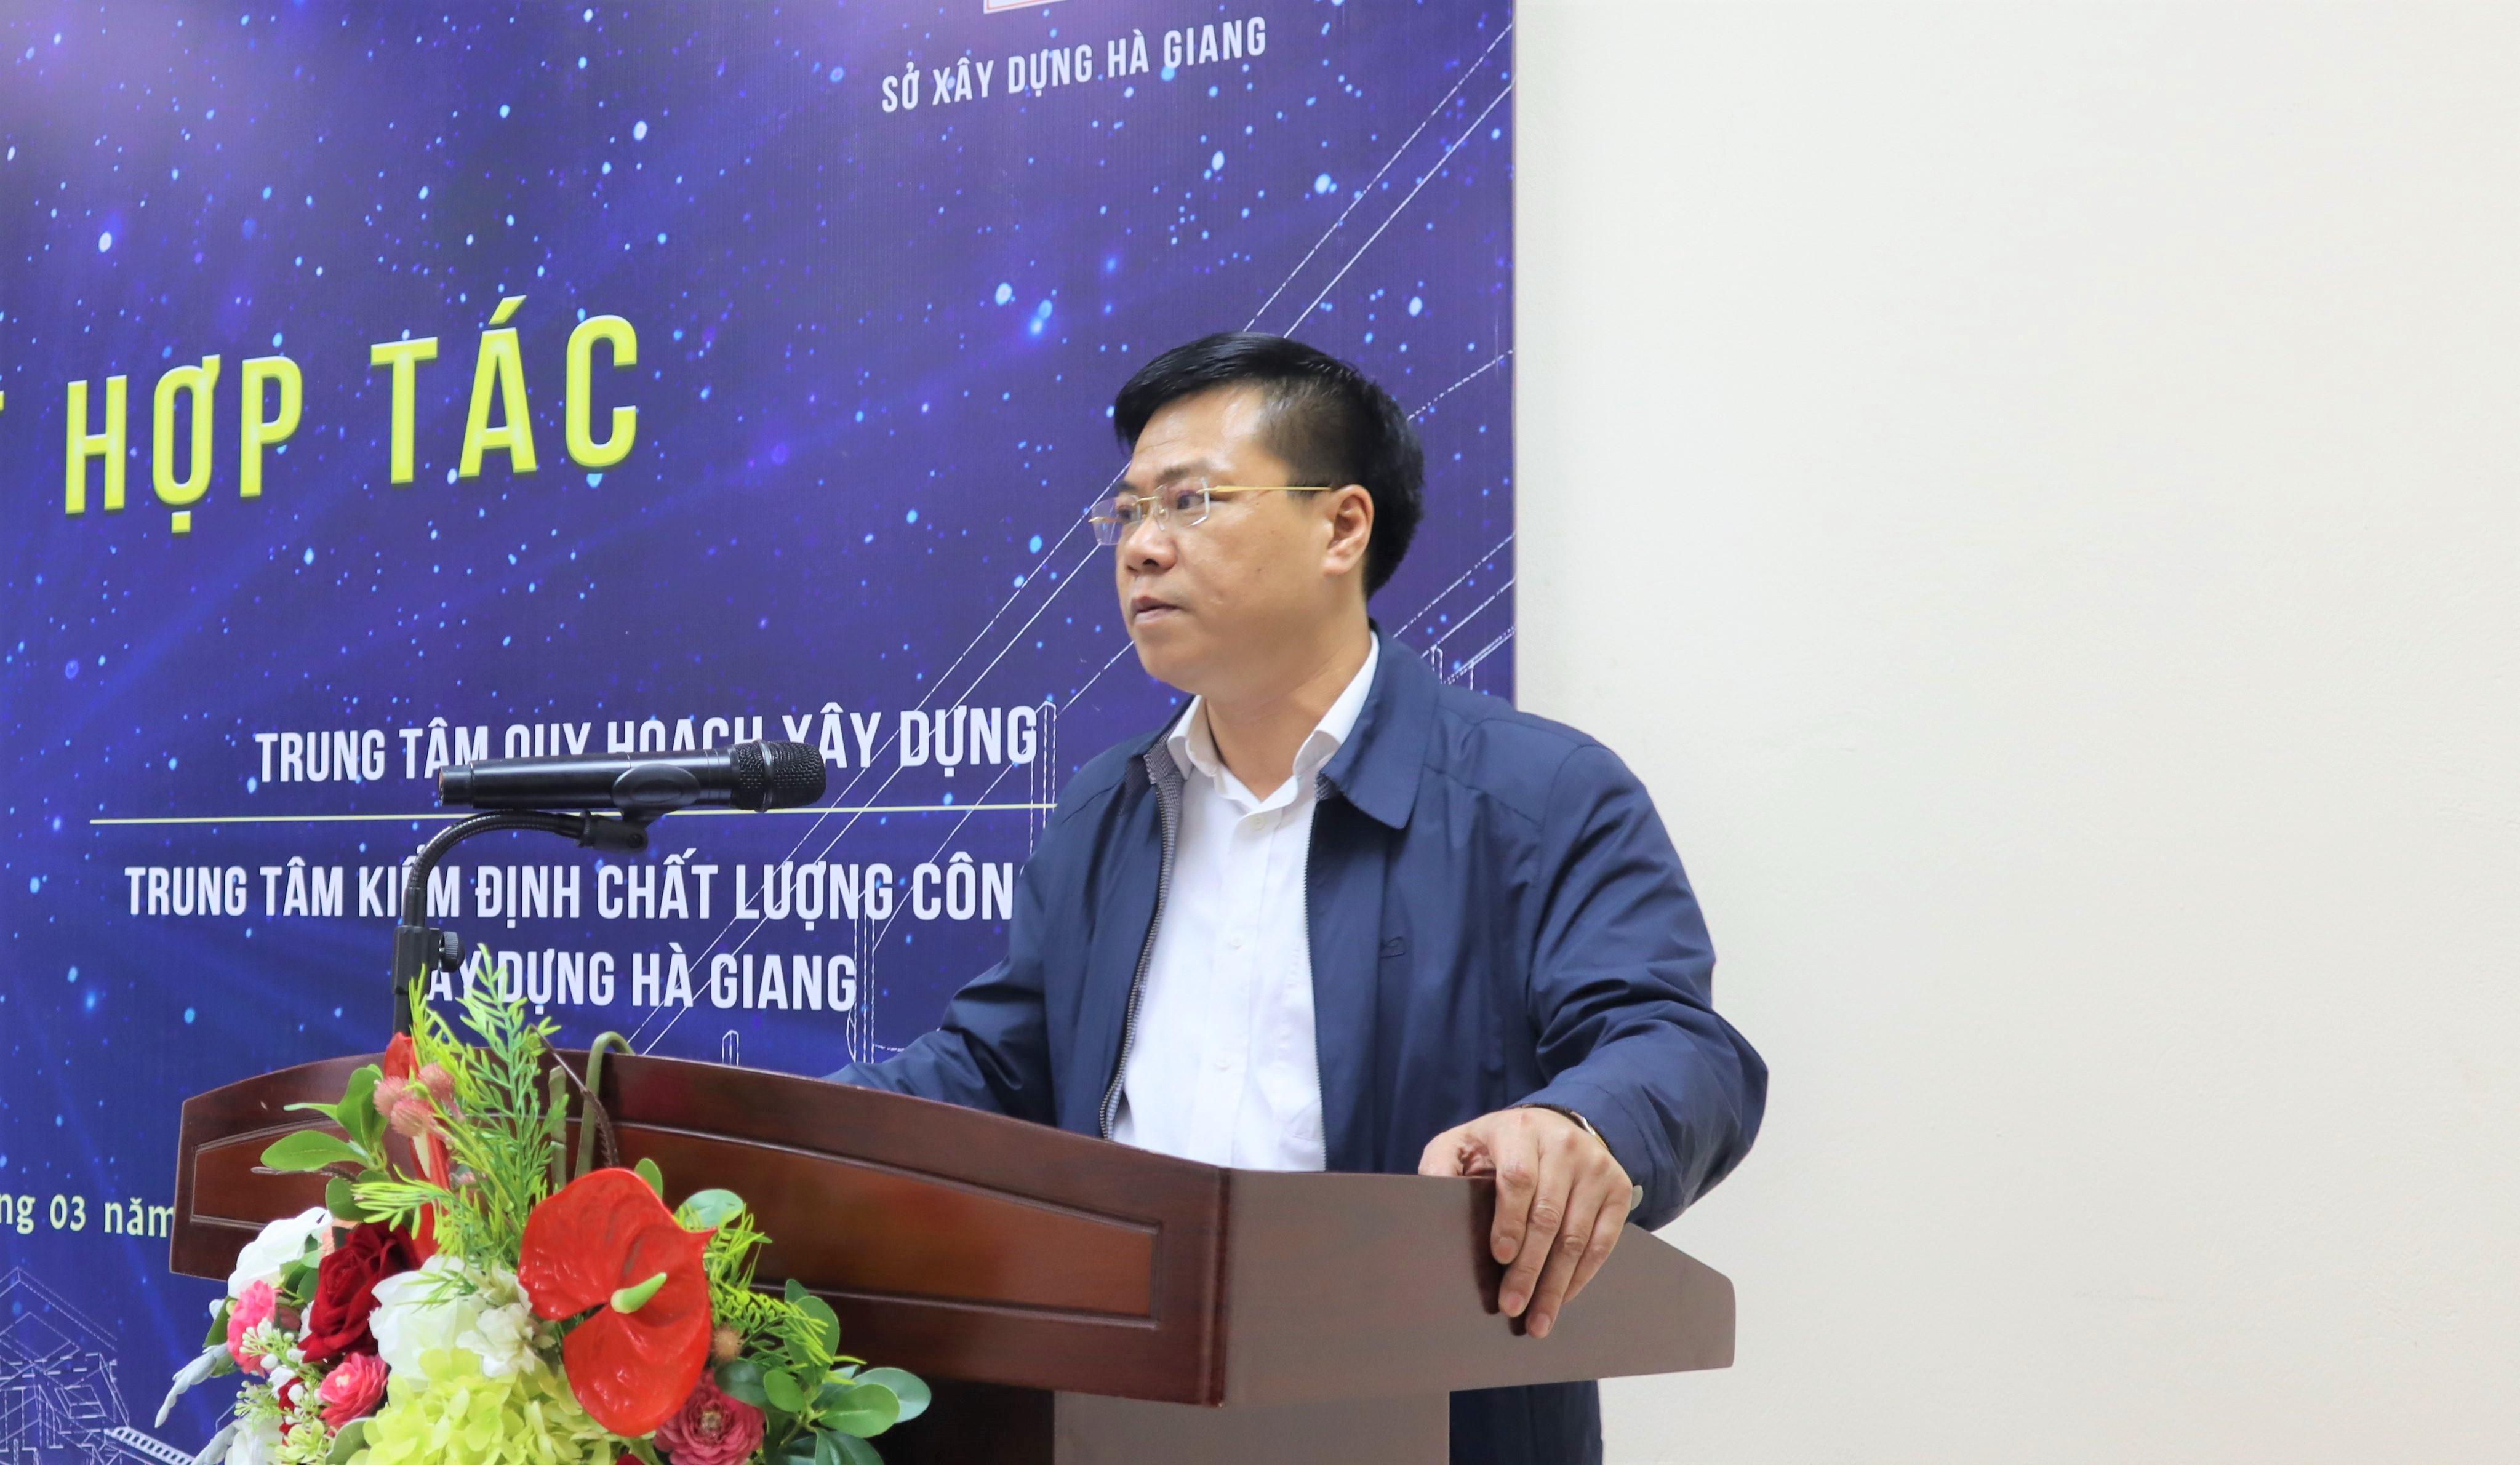 Ông Nguyễn Tiến Dũng - Giám đốc Sở Xây dựng Hà Giang